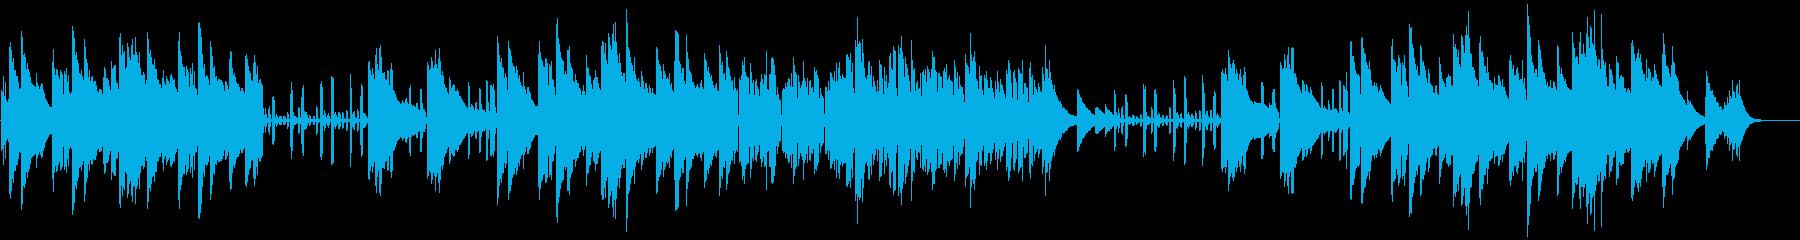 エレピソロの再生済みの波形